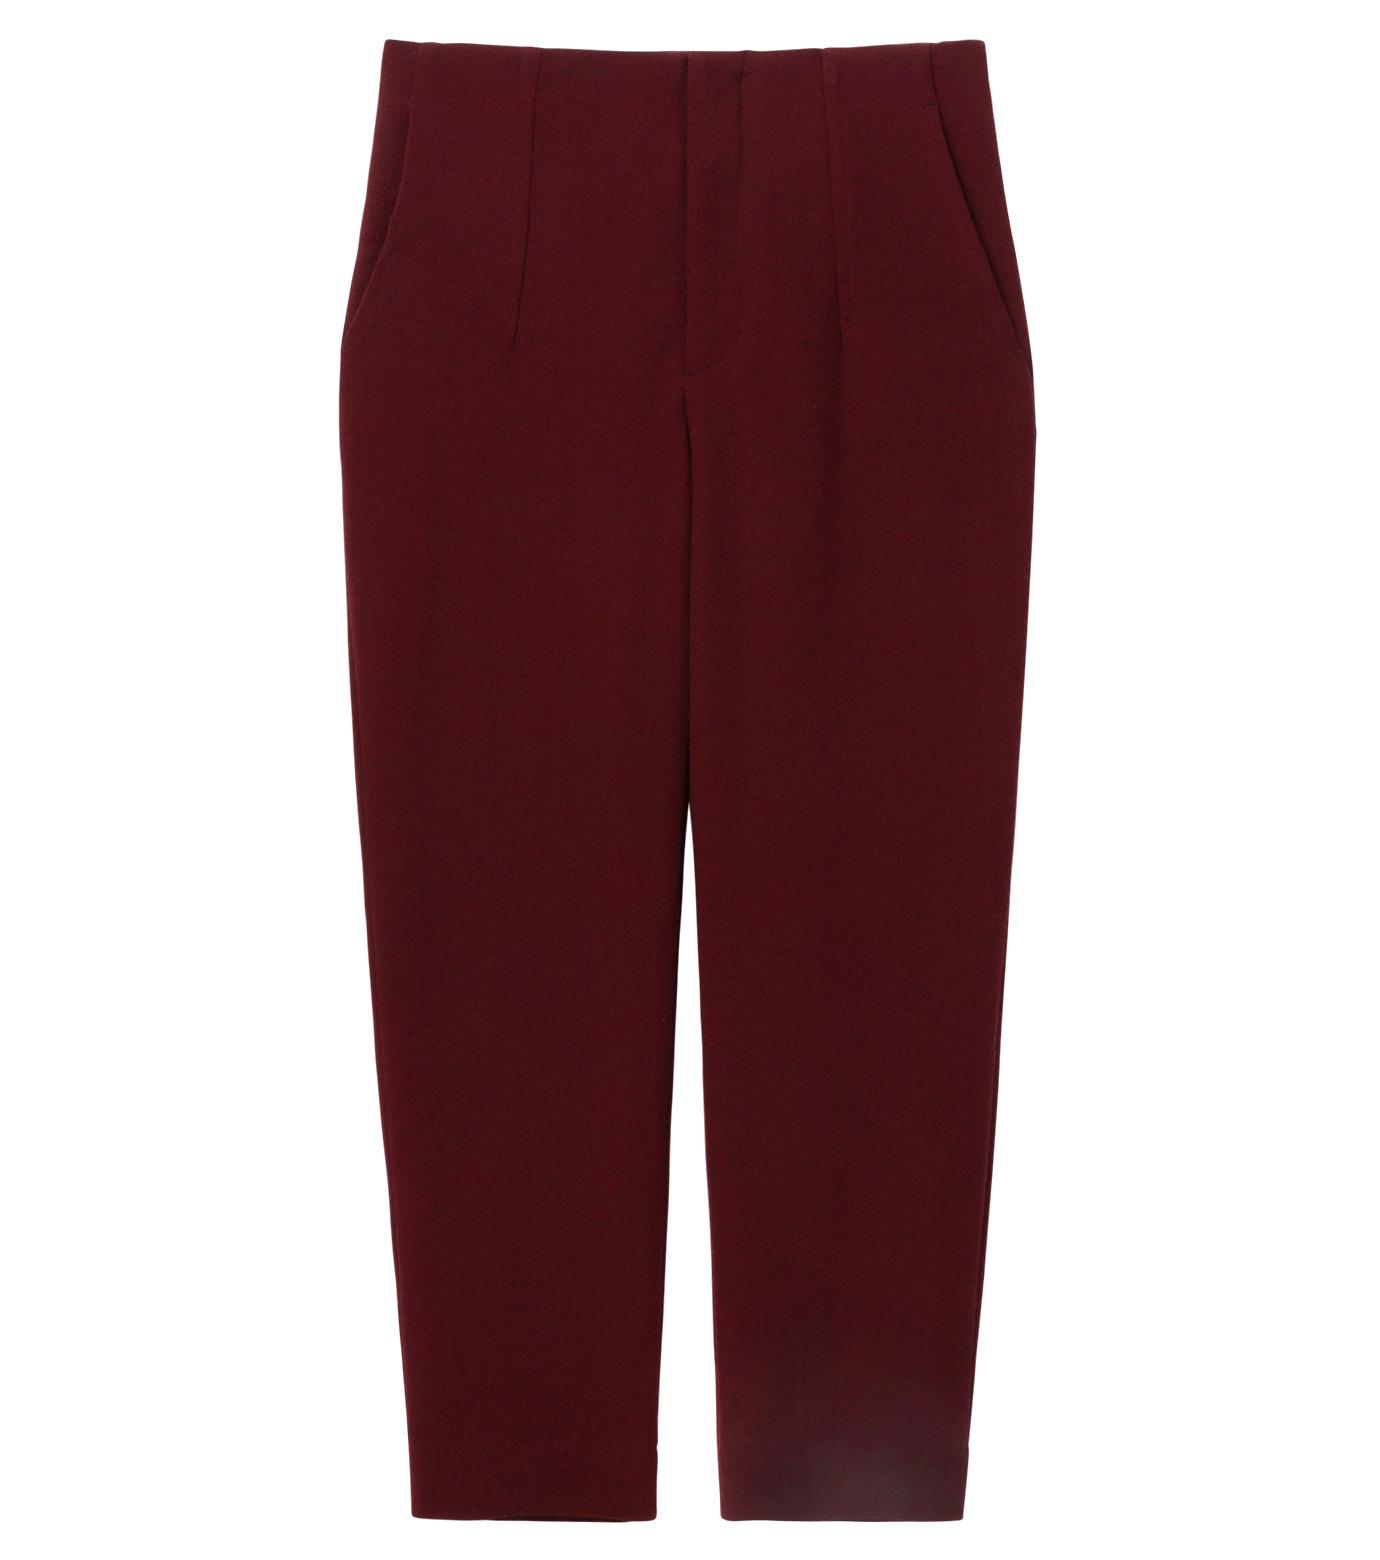 LE CIEL BLEU(ルシェルブルー)のウールジョーゼットパンツ-BORDEAUX(パンツ/pants)-17A68009 拡大詳細画像5